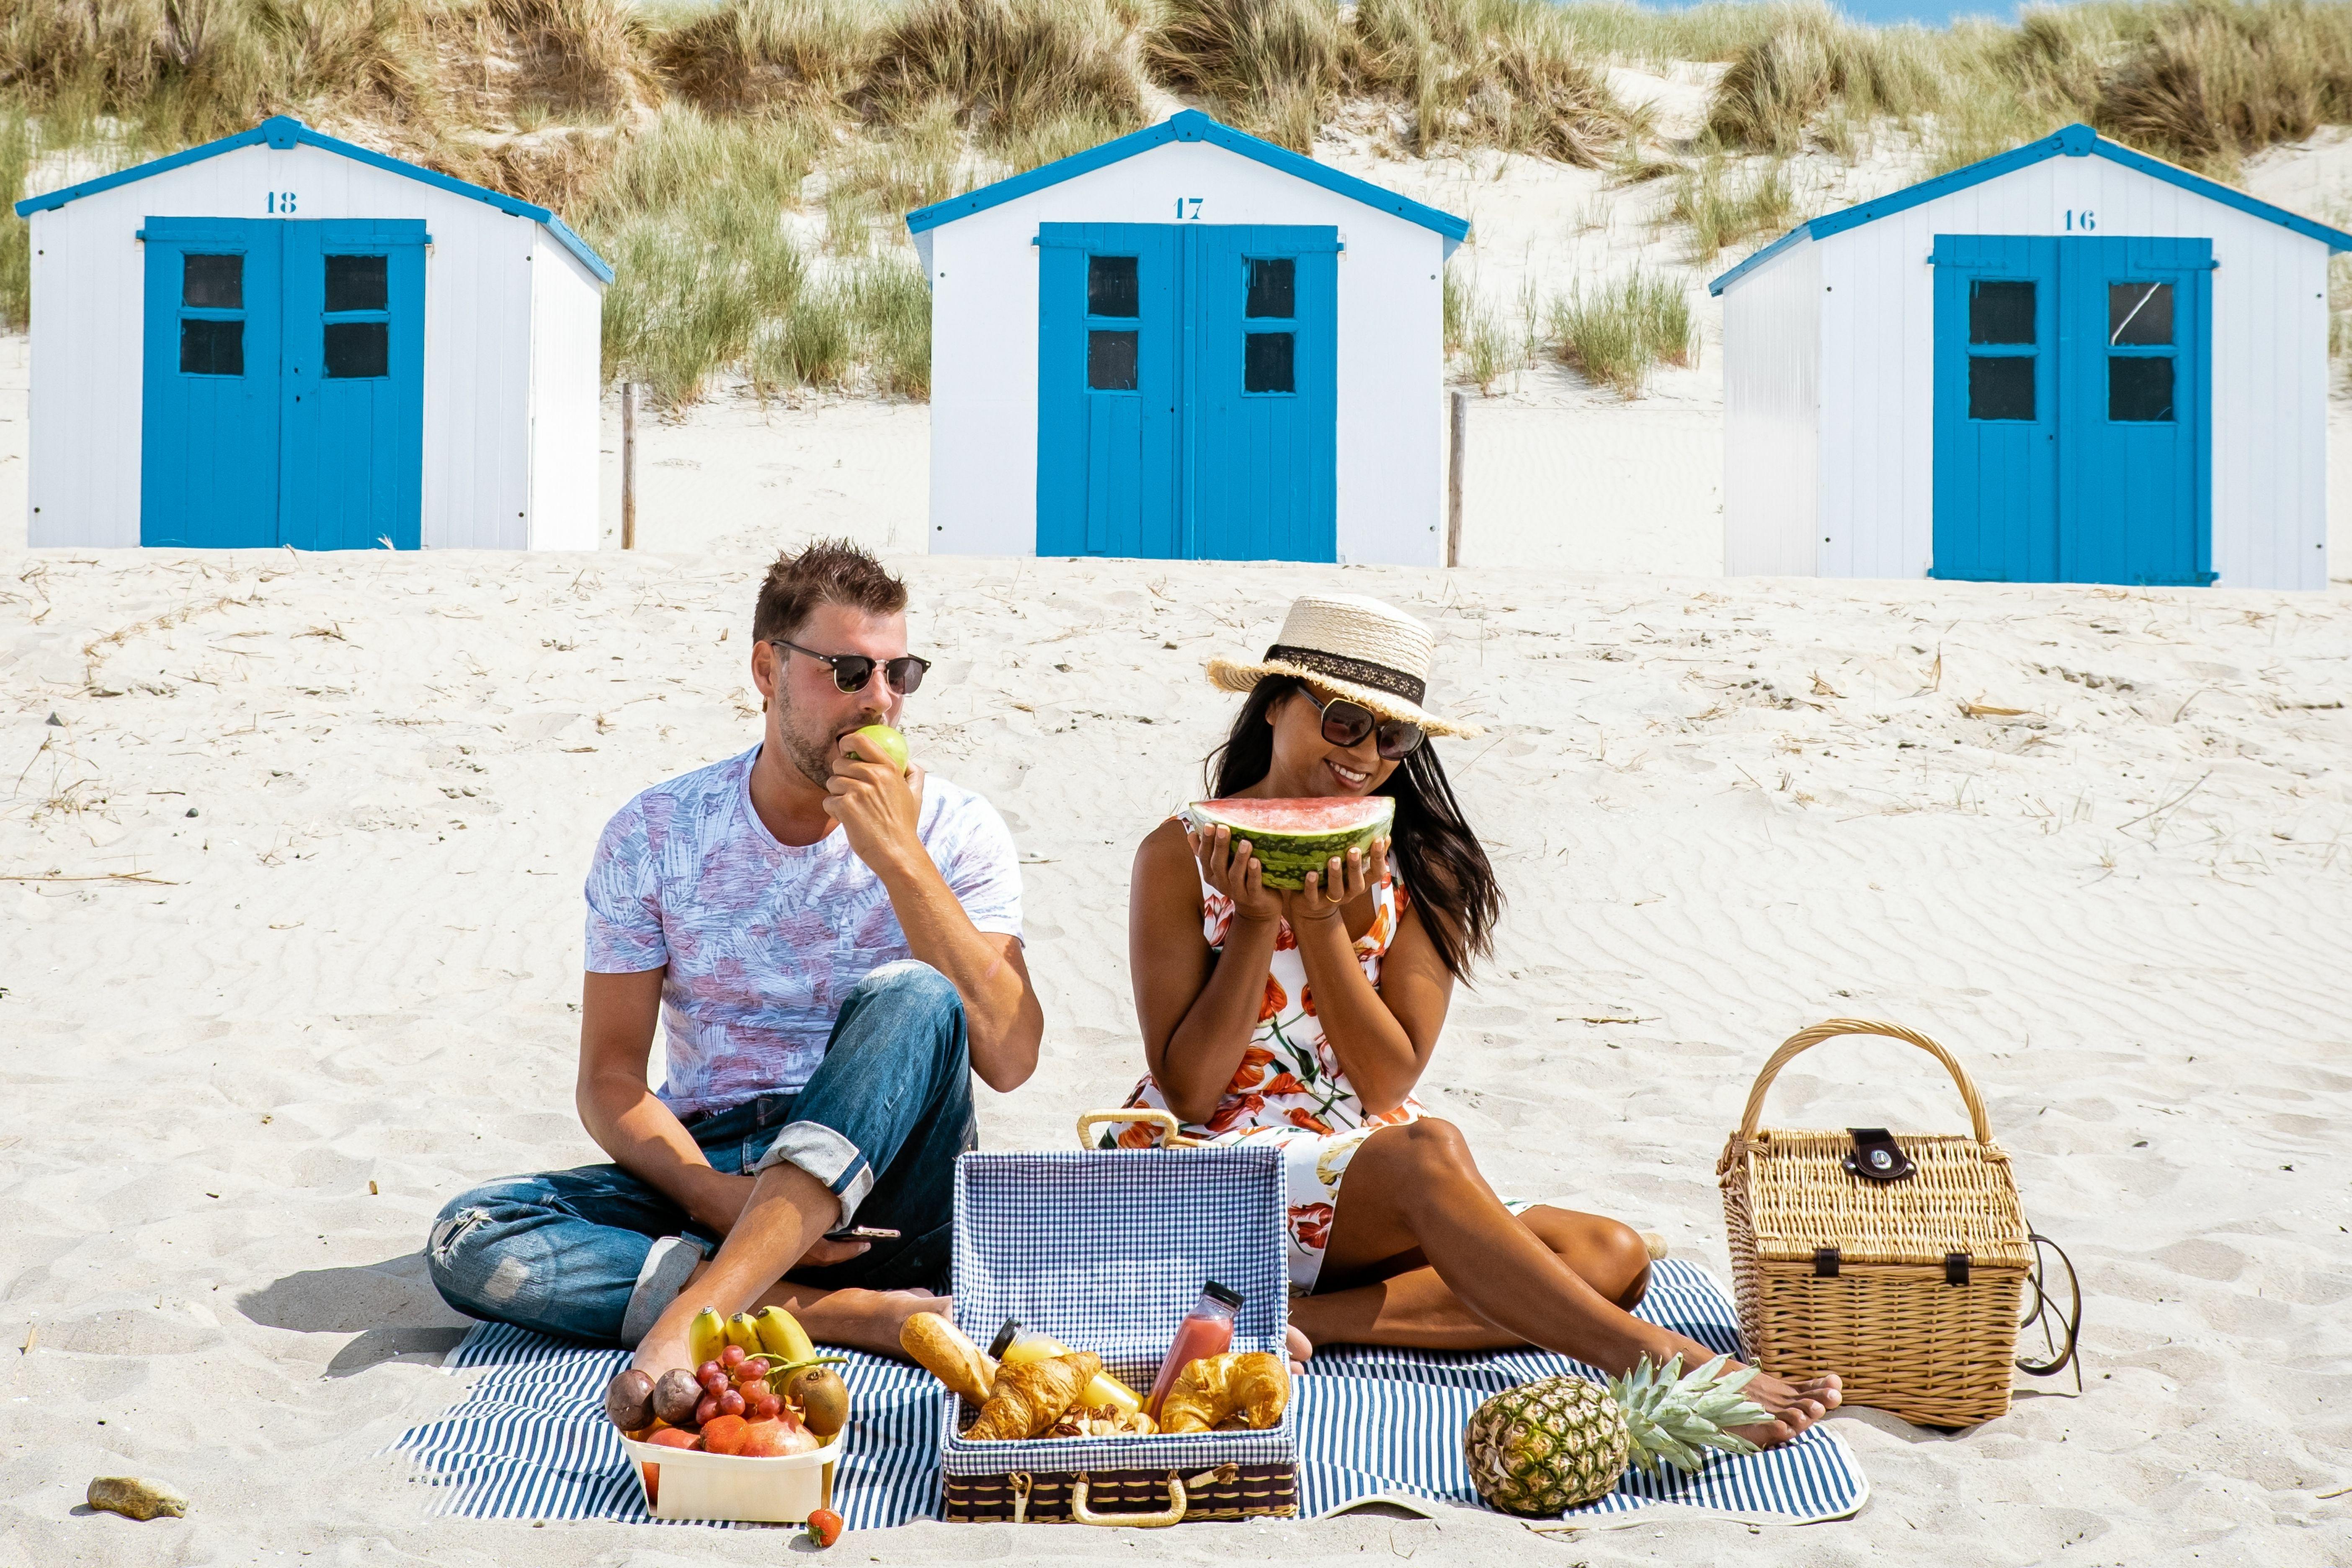 Picknicken op het strand bij De Koog VVV Texel